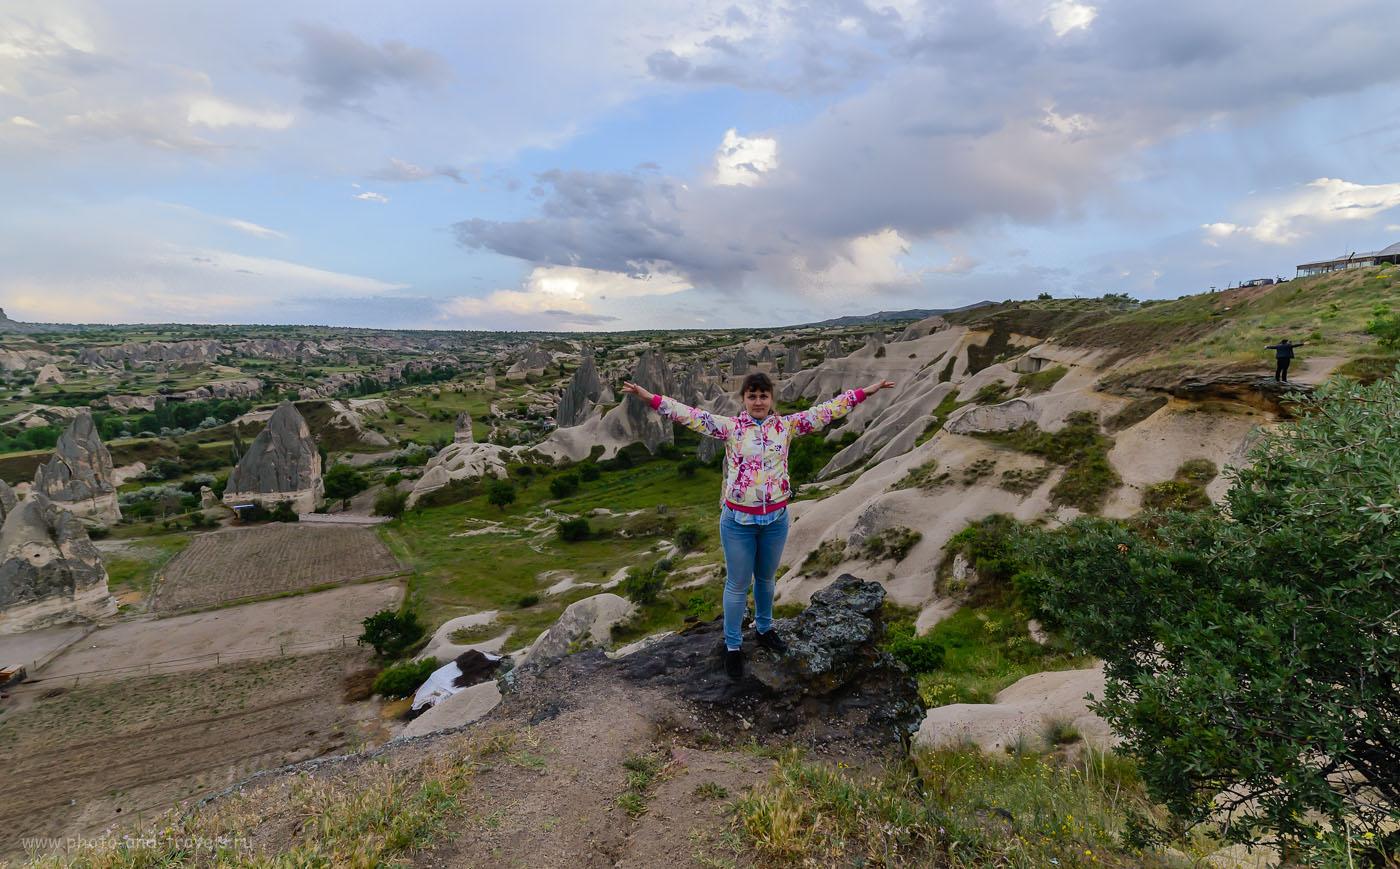 Фото 17. «Полет» над Каппадокией. Виды со смотровой площадки в Гёреме. Отдых в Турции самостоятельно. 1/200, -1.67, 8.0, 1000, 14.